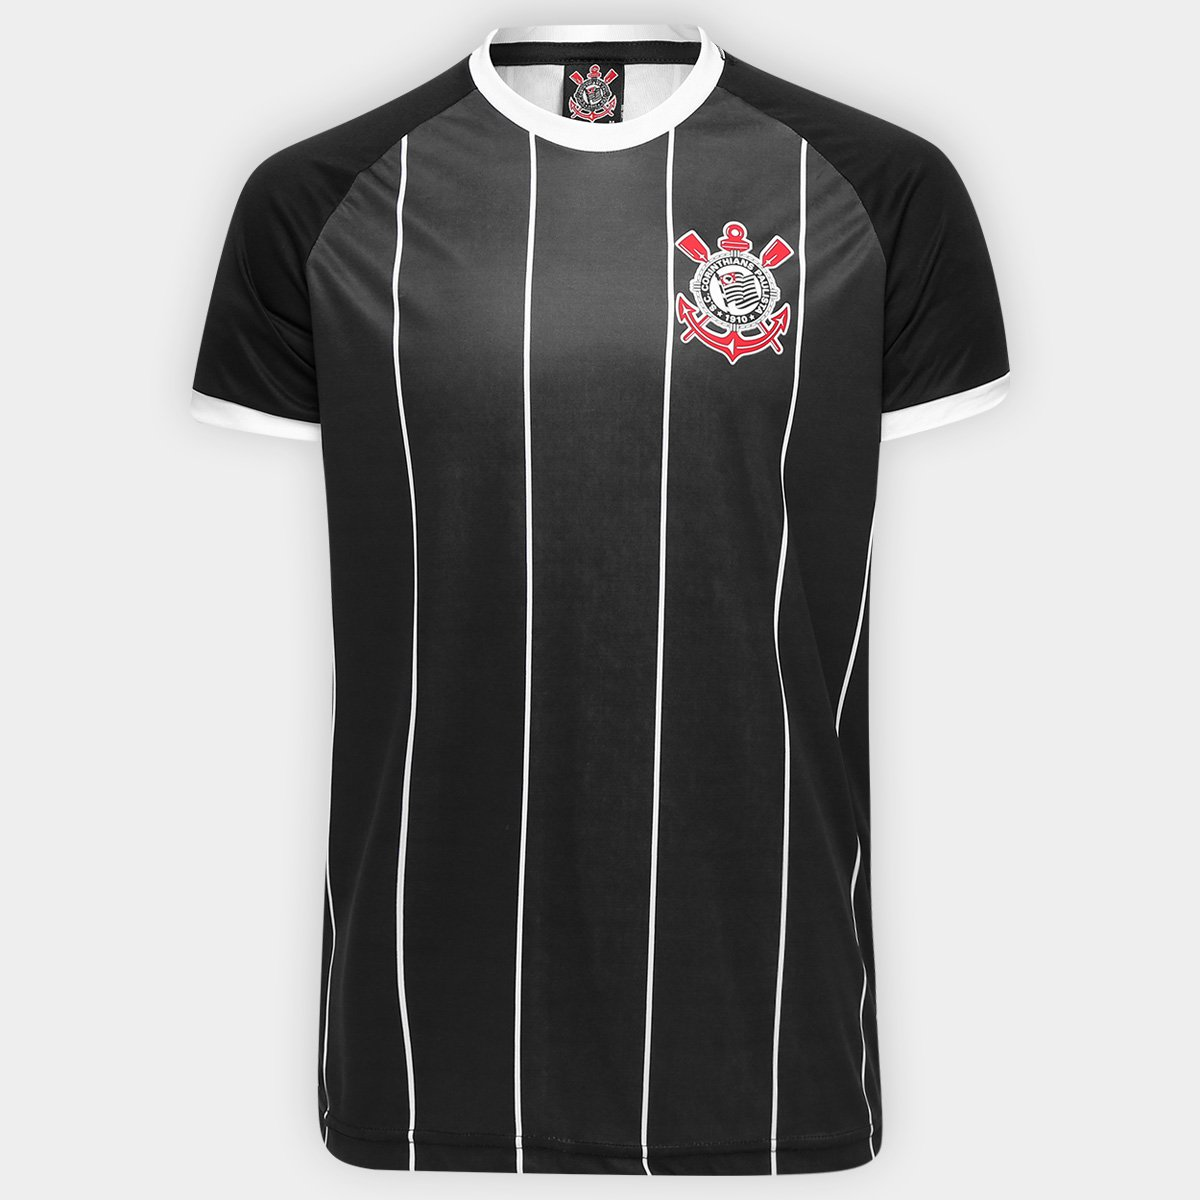 25f8376299 Camisa Corinthians Fenomenal - Edição Limitada Torcedor Masculina ...